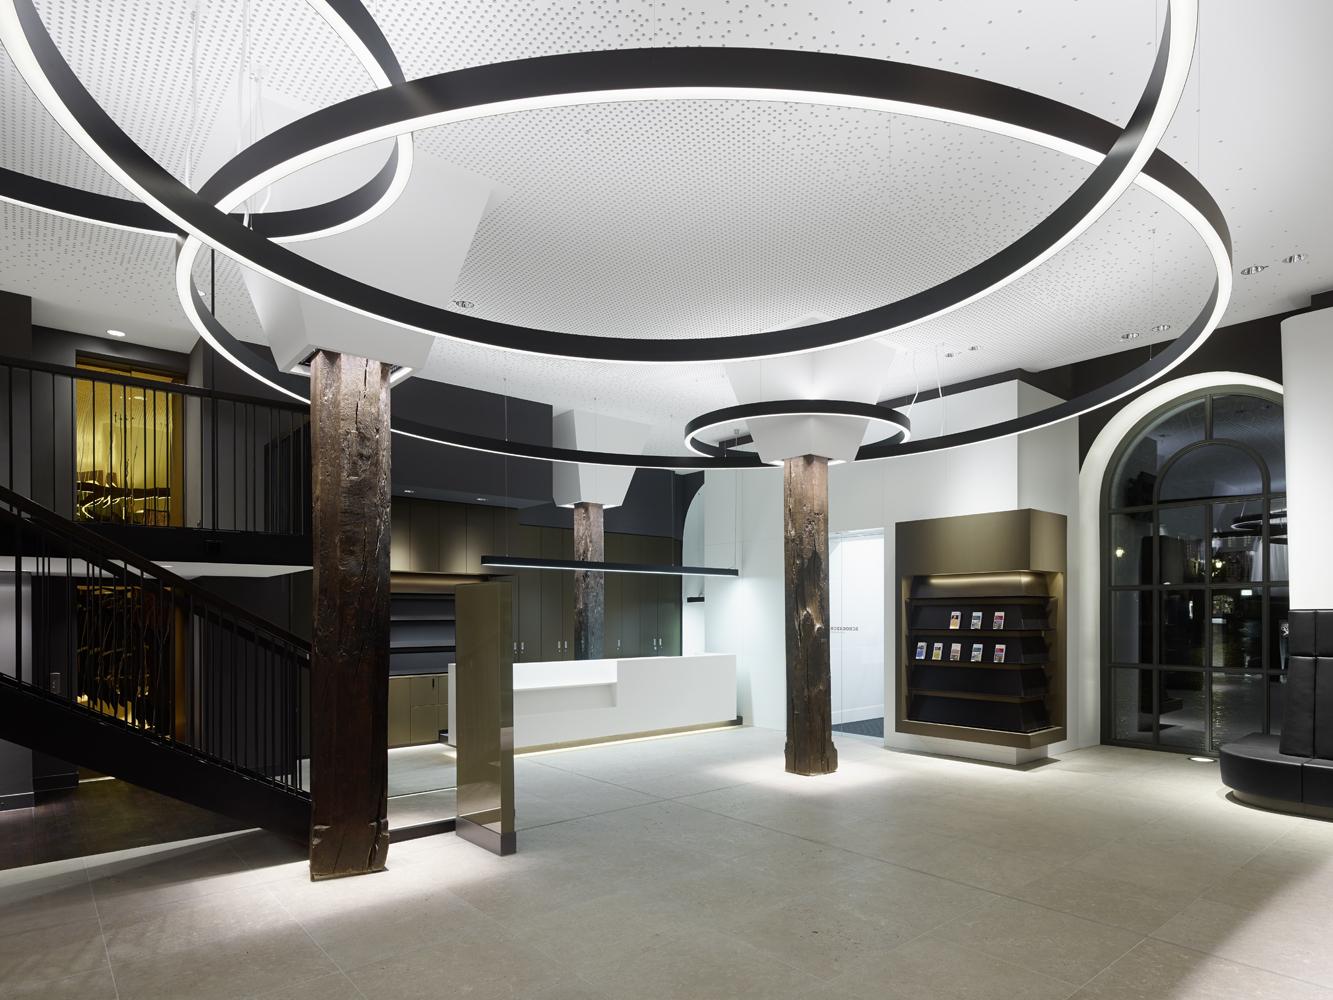 gute architektur bda der architekt. Black Bedroom Furniture Sets. Home Design Ideas